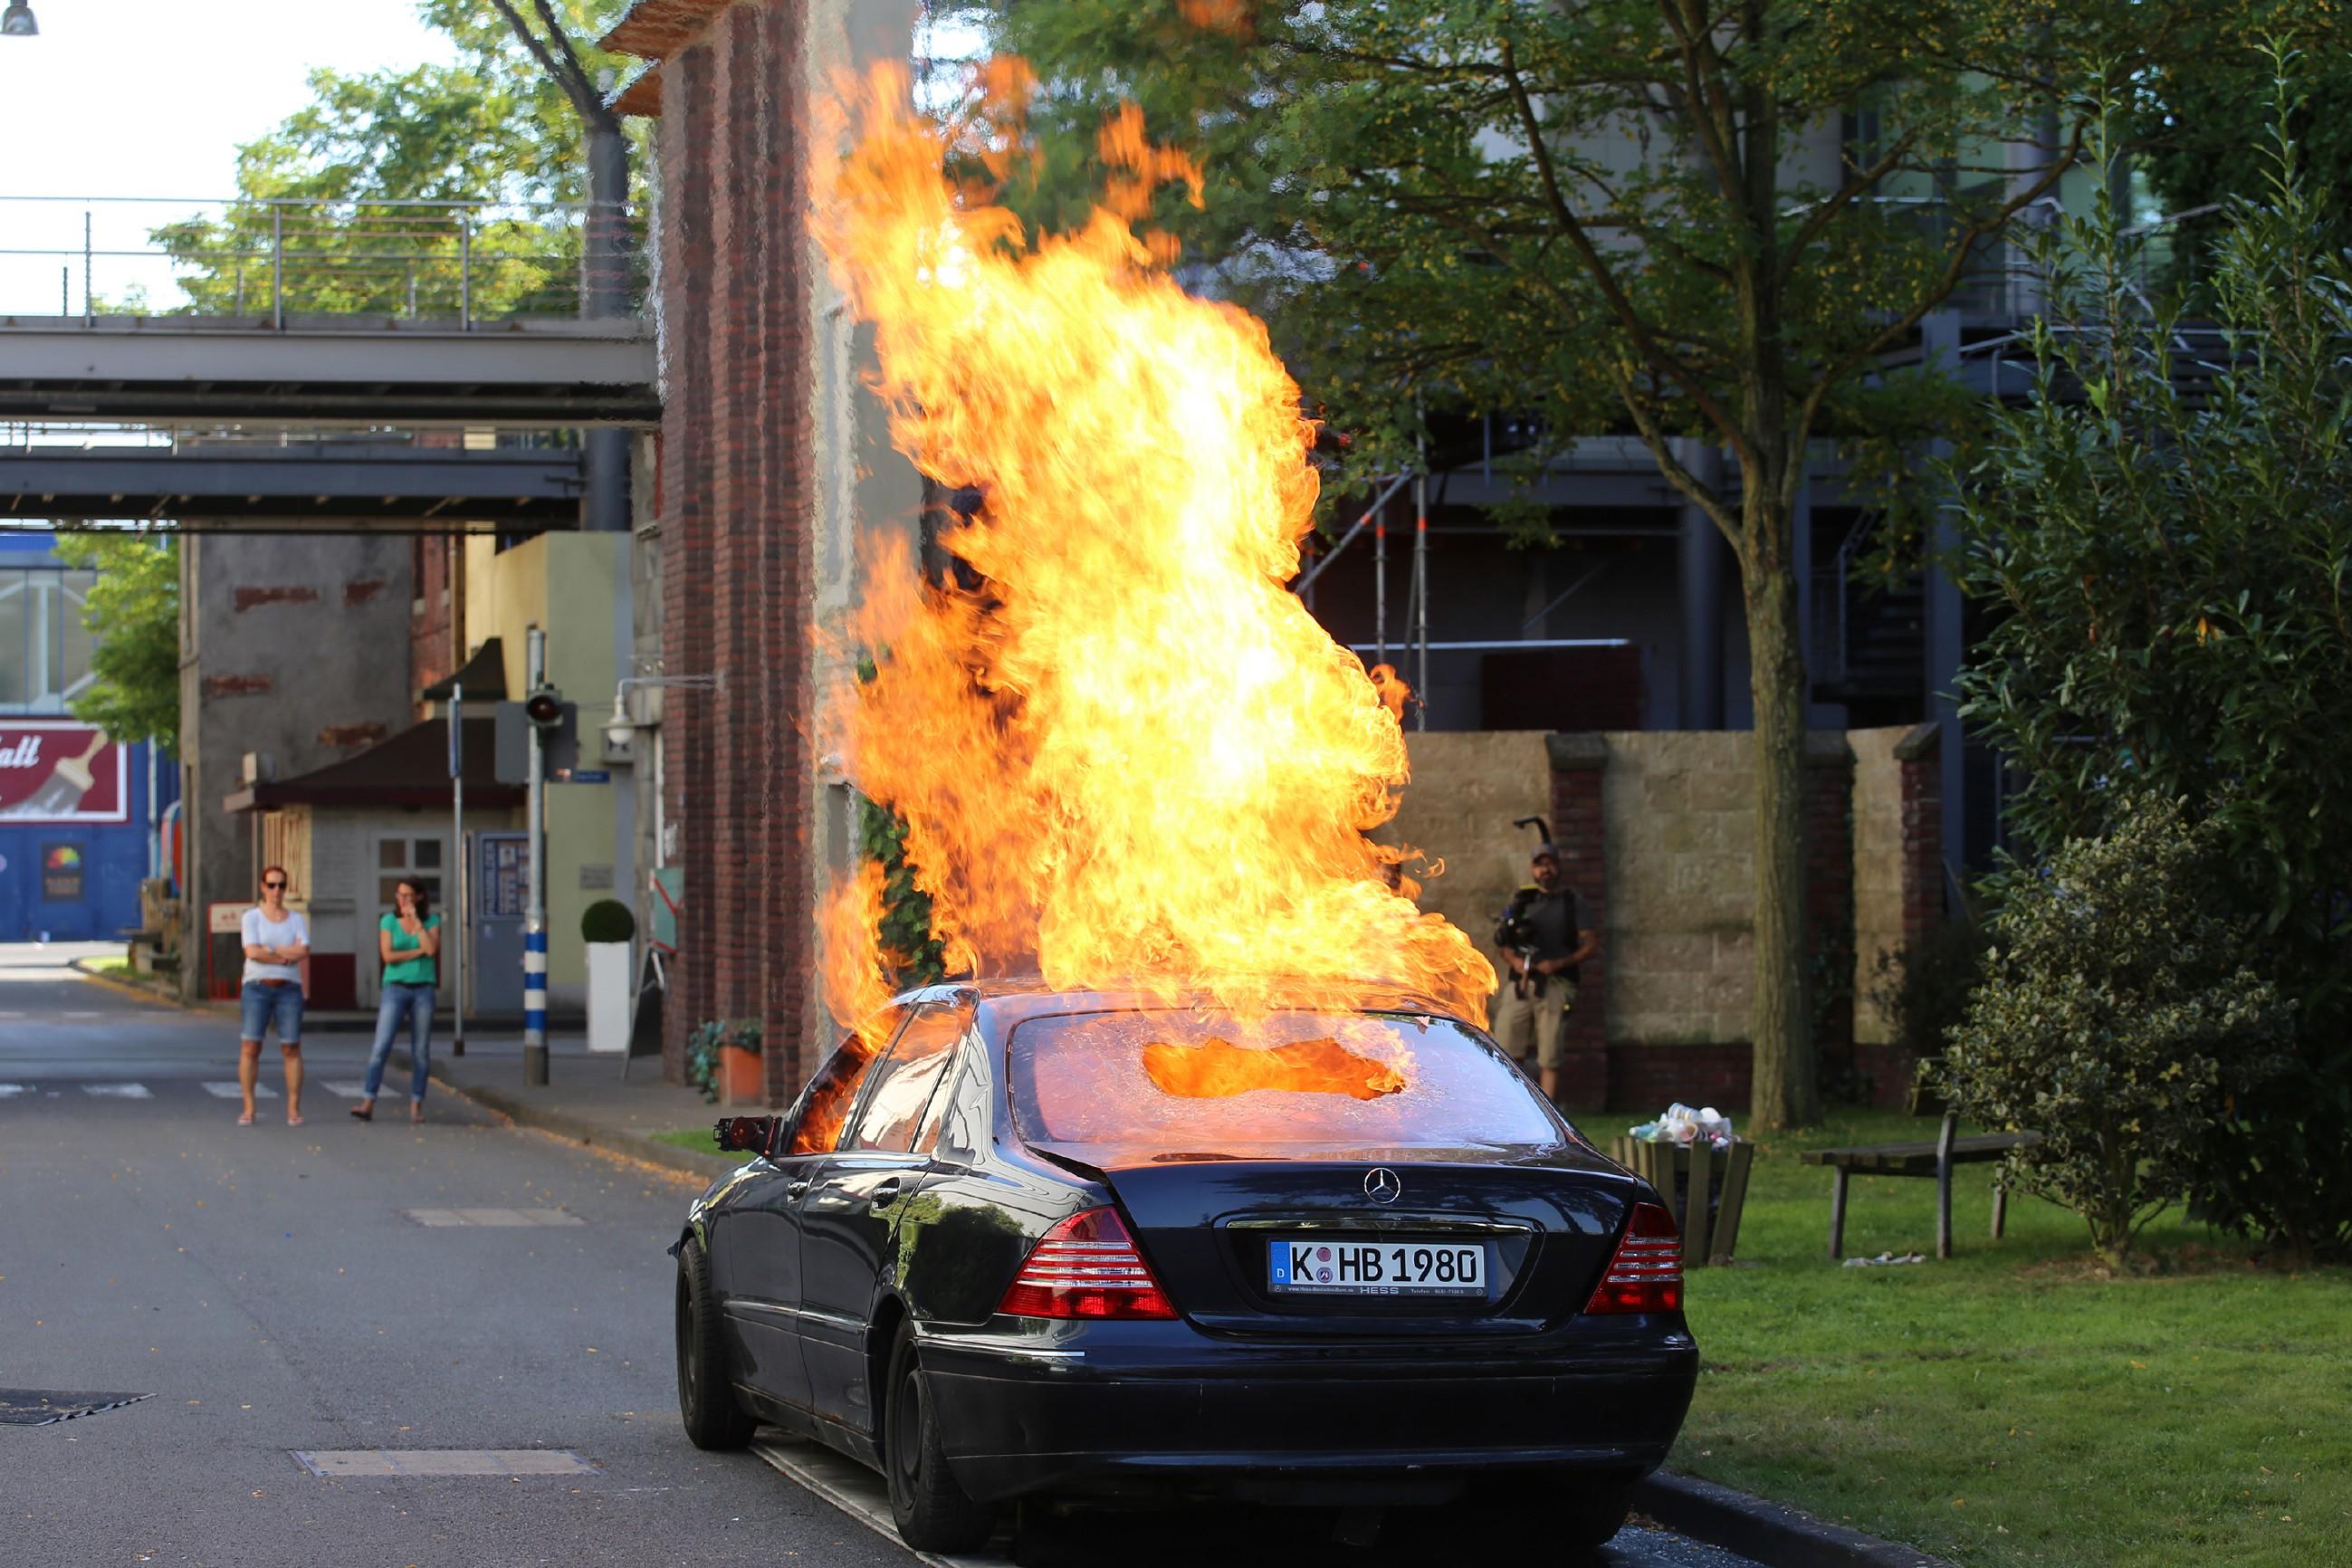 Gleich am ersten Drehtag wurde ein Auto spektakulär in Brand gesetzt!